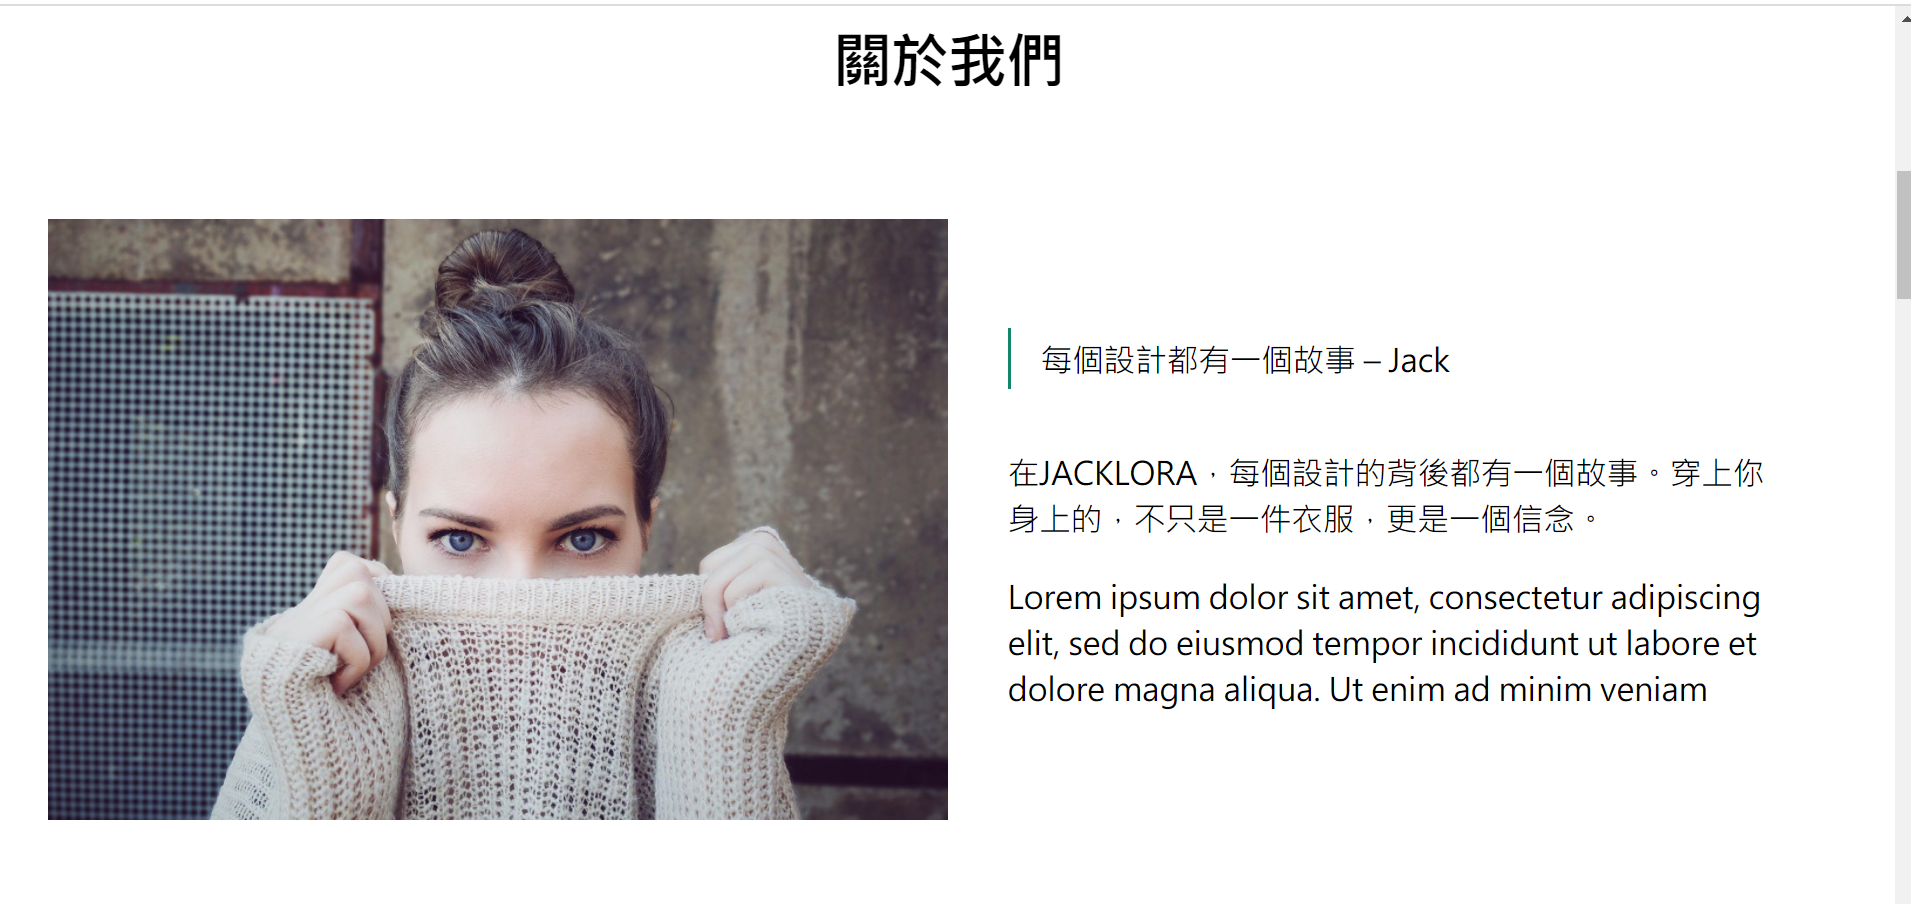 外贸网站搭建教程 - 媒体及文字设置效果